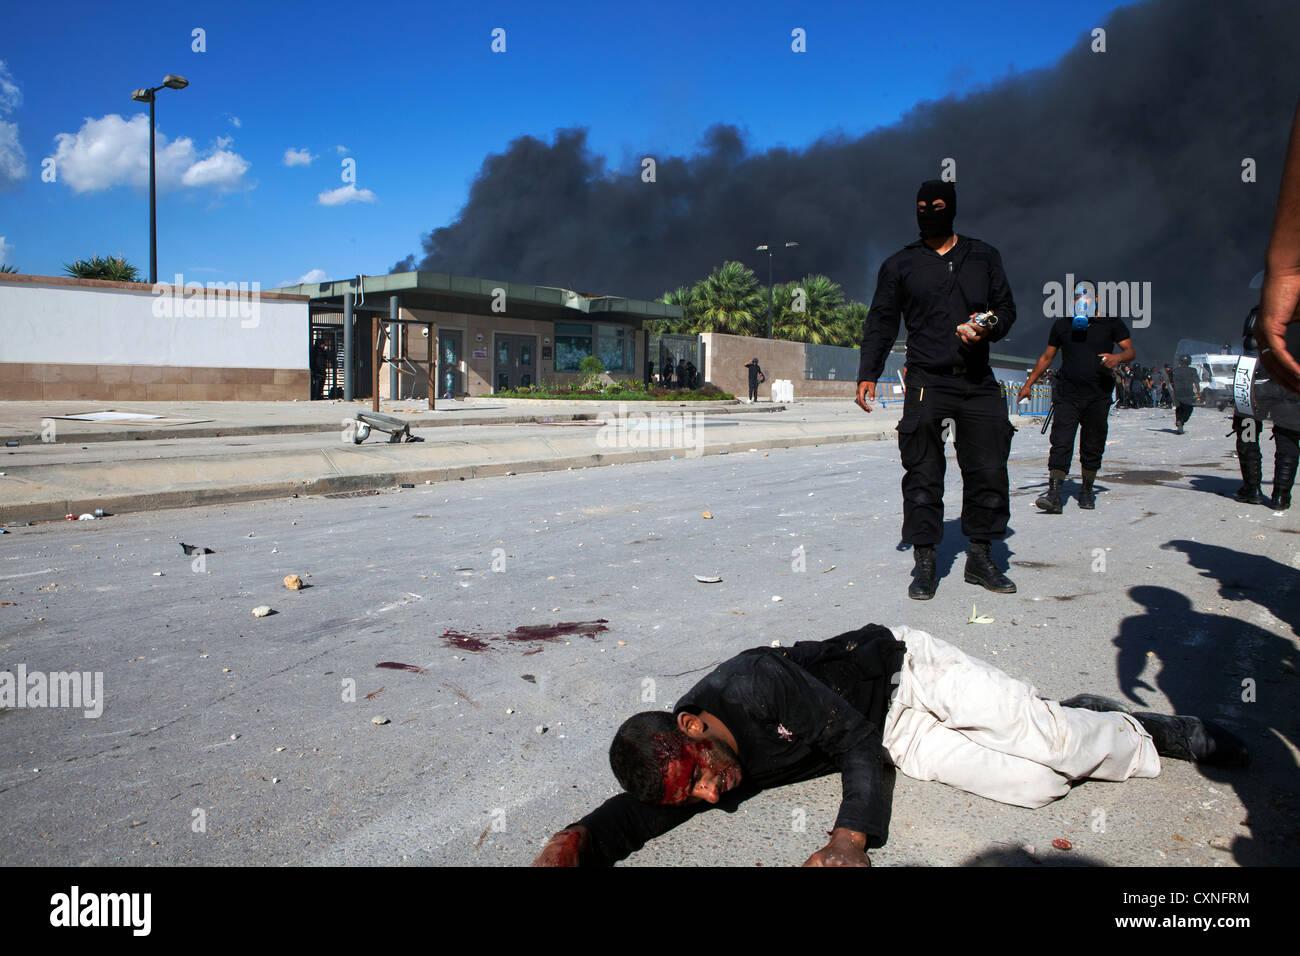 Un manifestante sienta inconsciente en el suelo fuera de la embajada de Estados Unidos en Túnez después Imagen De Stock